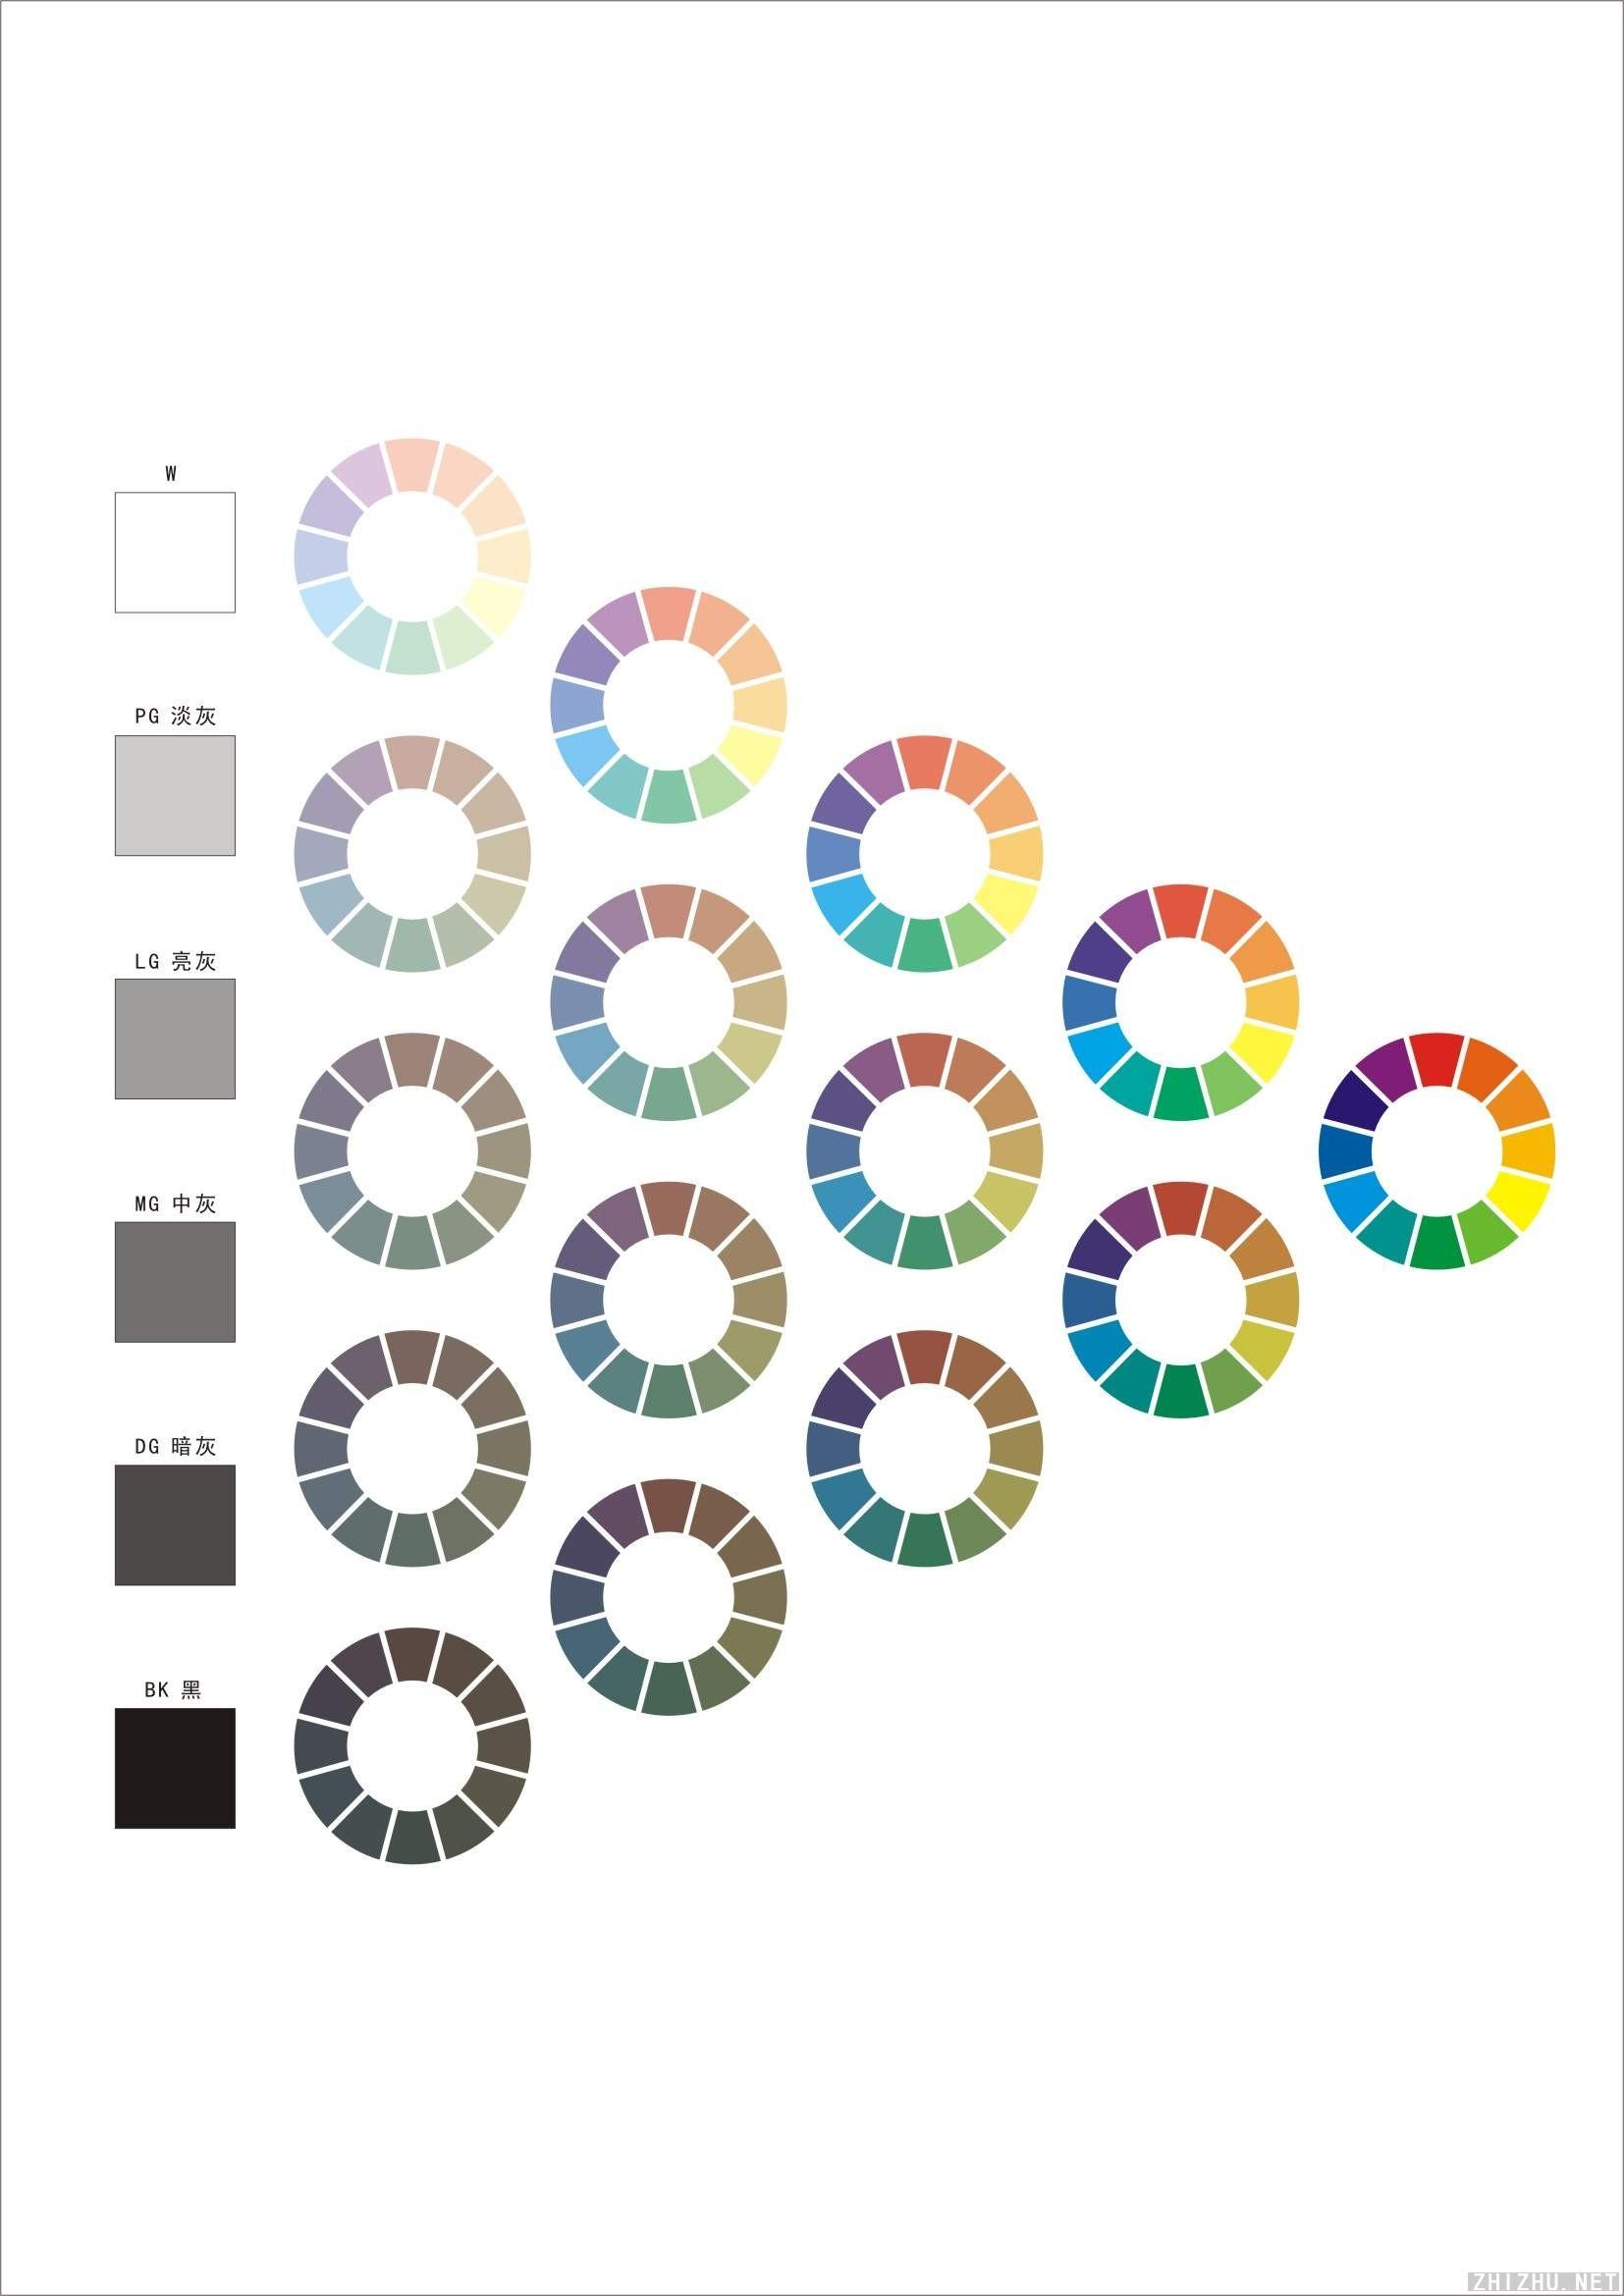 求清晰的CCS色调图~~~~~-制图商铺 - 爱游戏,爱17173!